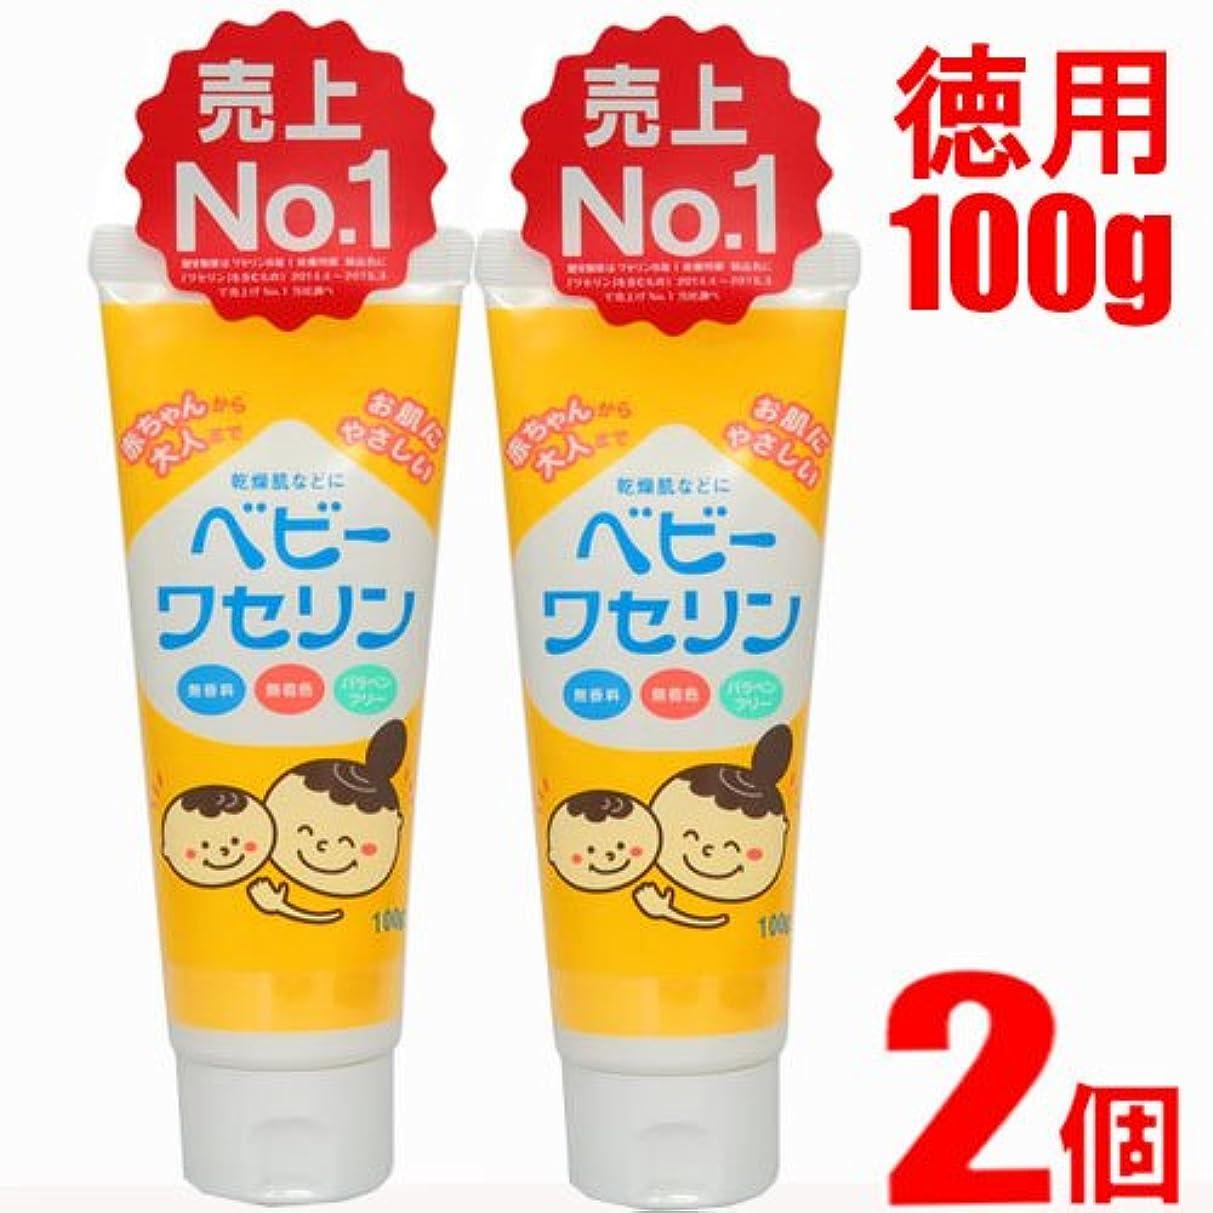 チャット感度天気【2本】ベビーワセリン 100g x2本 (4987286414263-2)